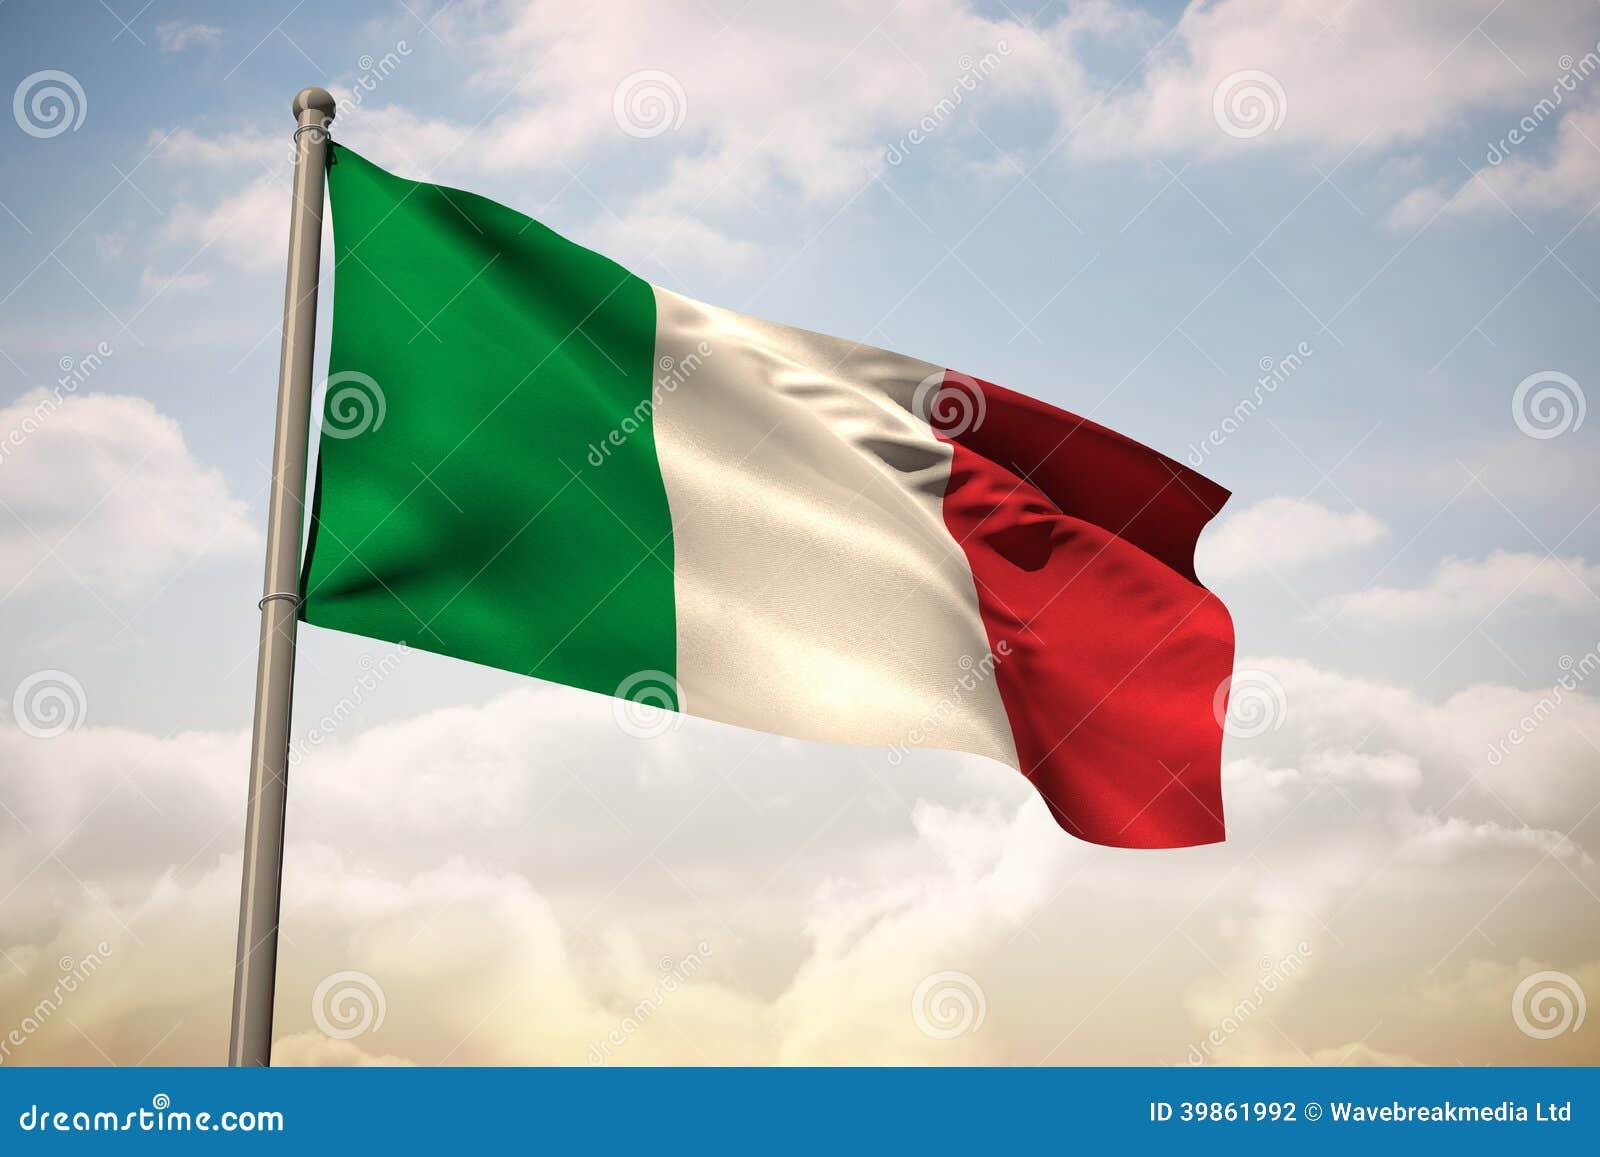 意大利国旗的综合图象 库存例证 - 图片: 39861992